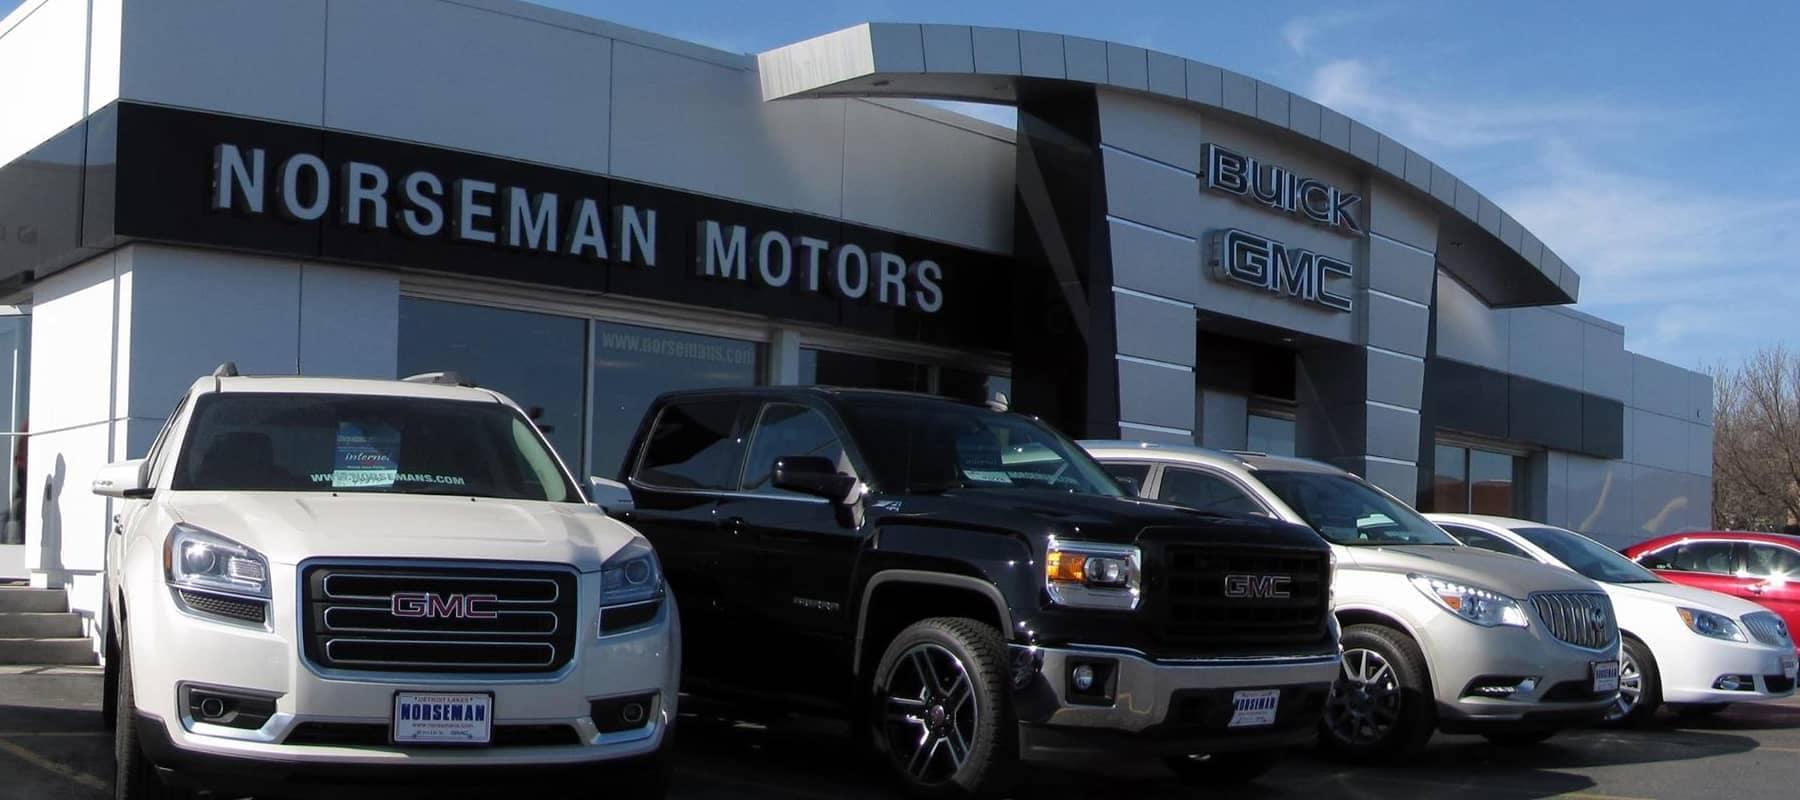 front image of dealership